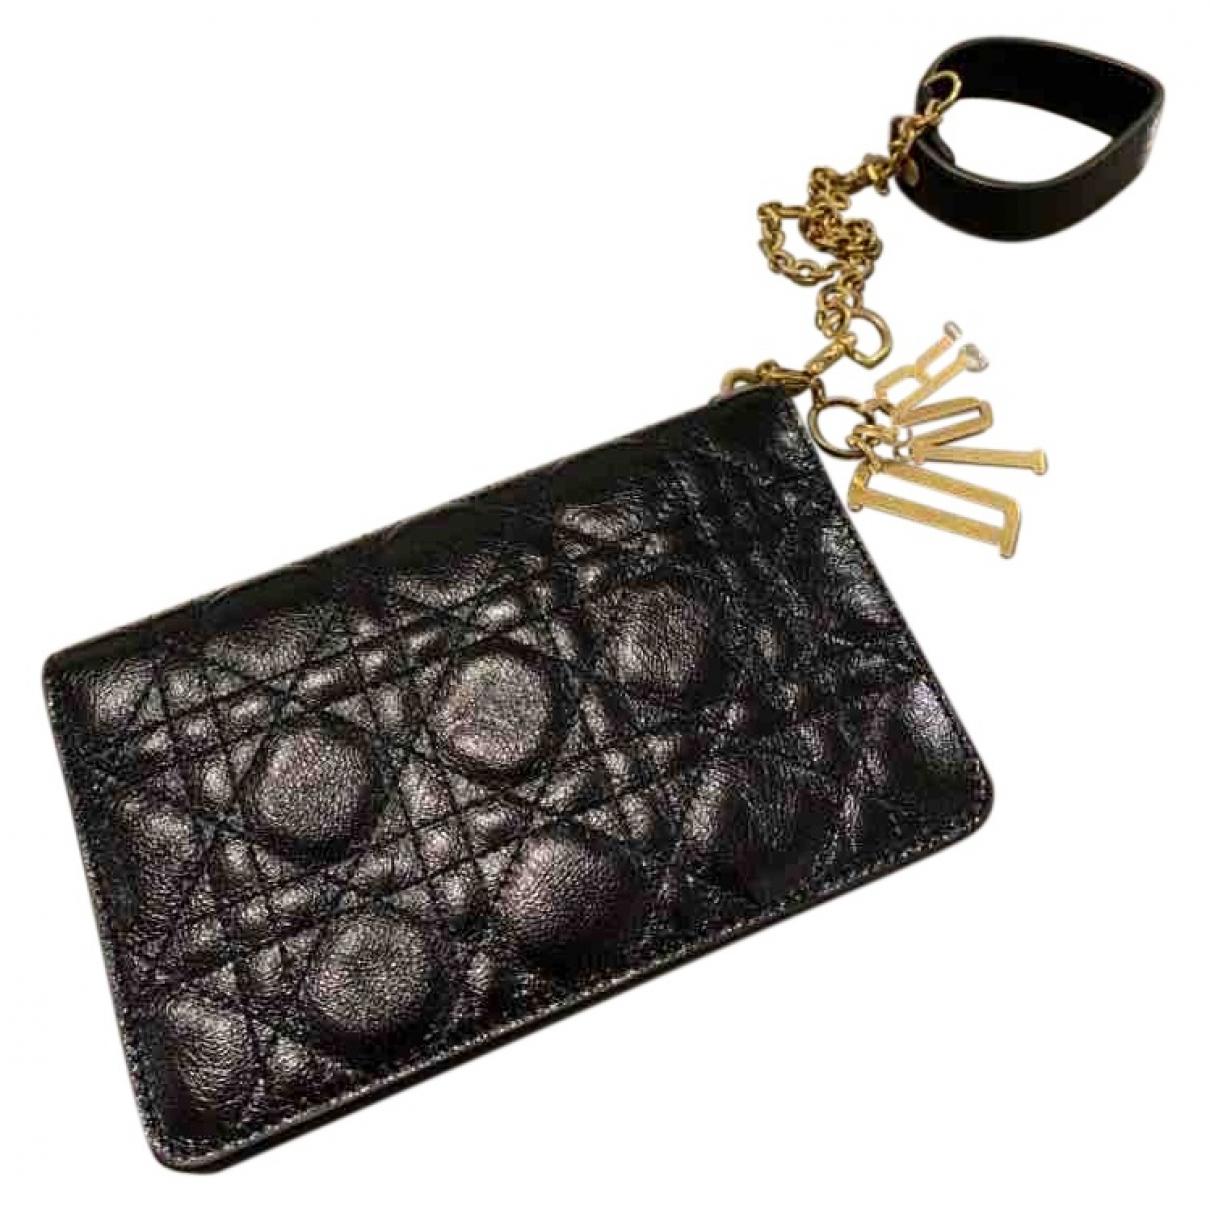 Dior Lady Dior Black Leather Clutch bag for Women \N